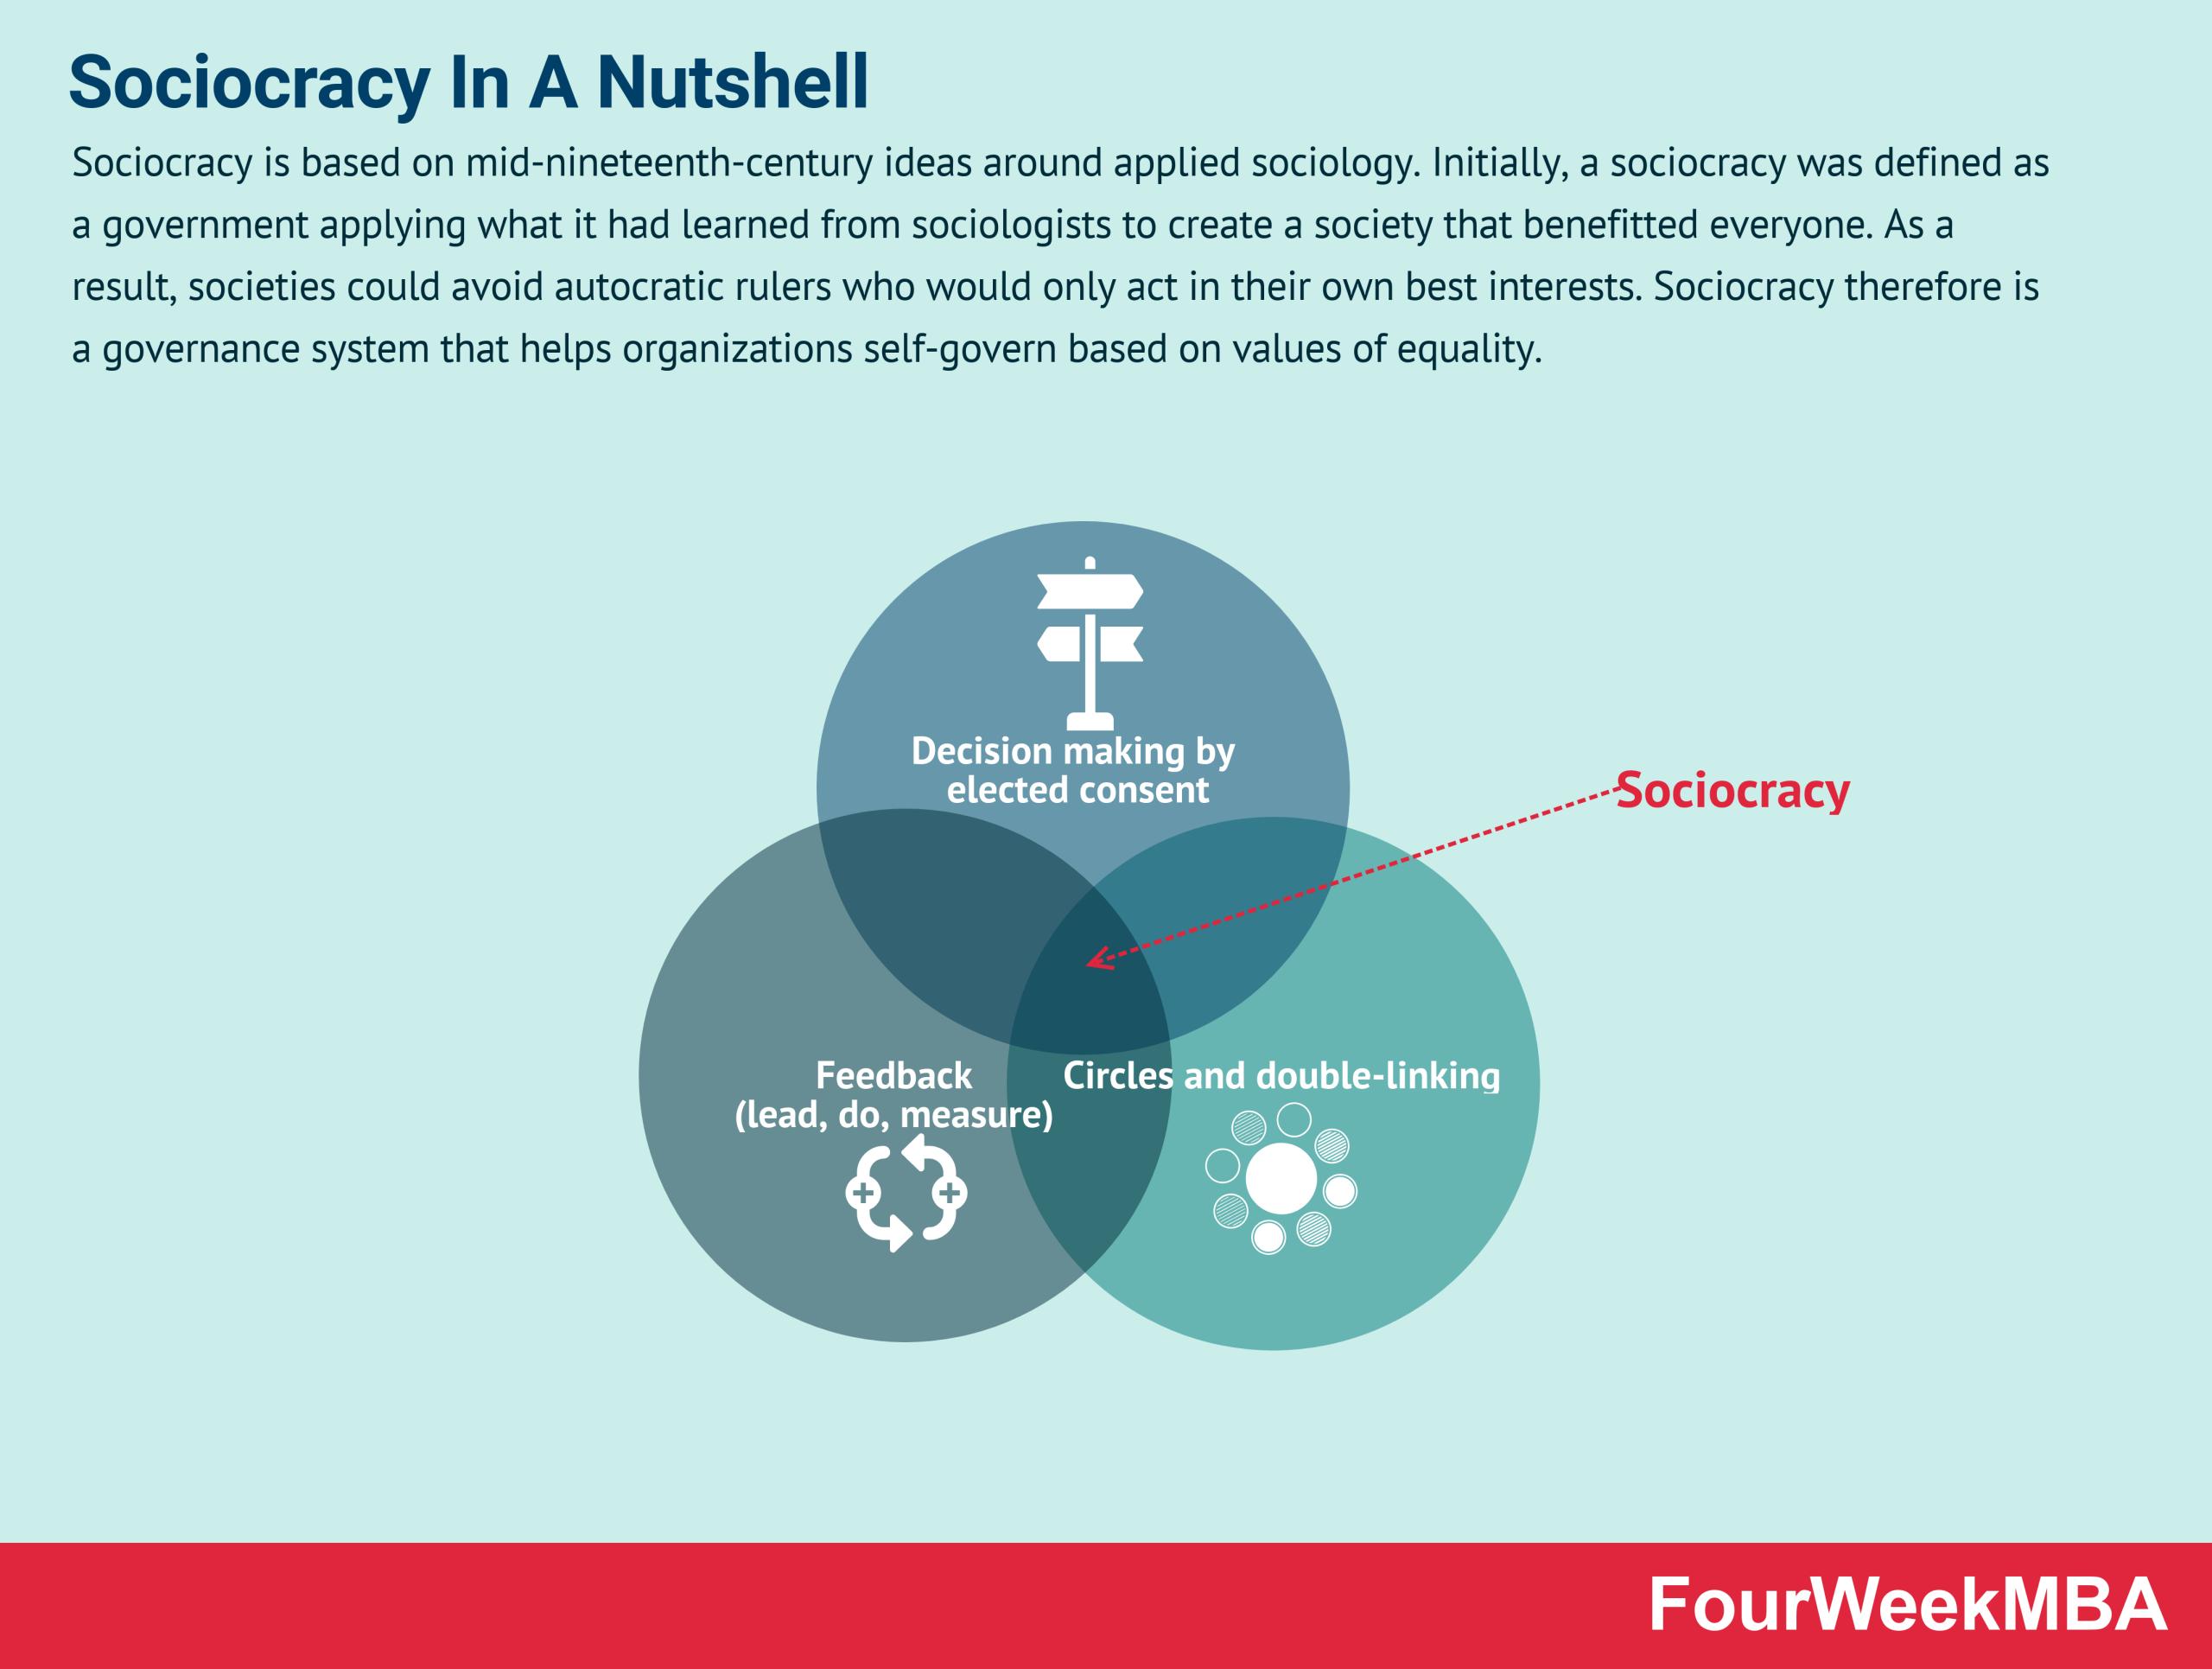 Sociocracy In A Nutshell